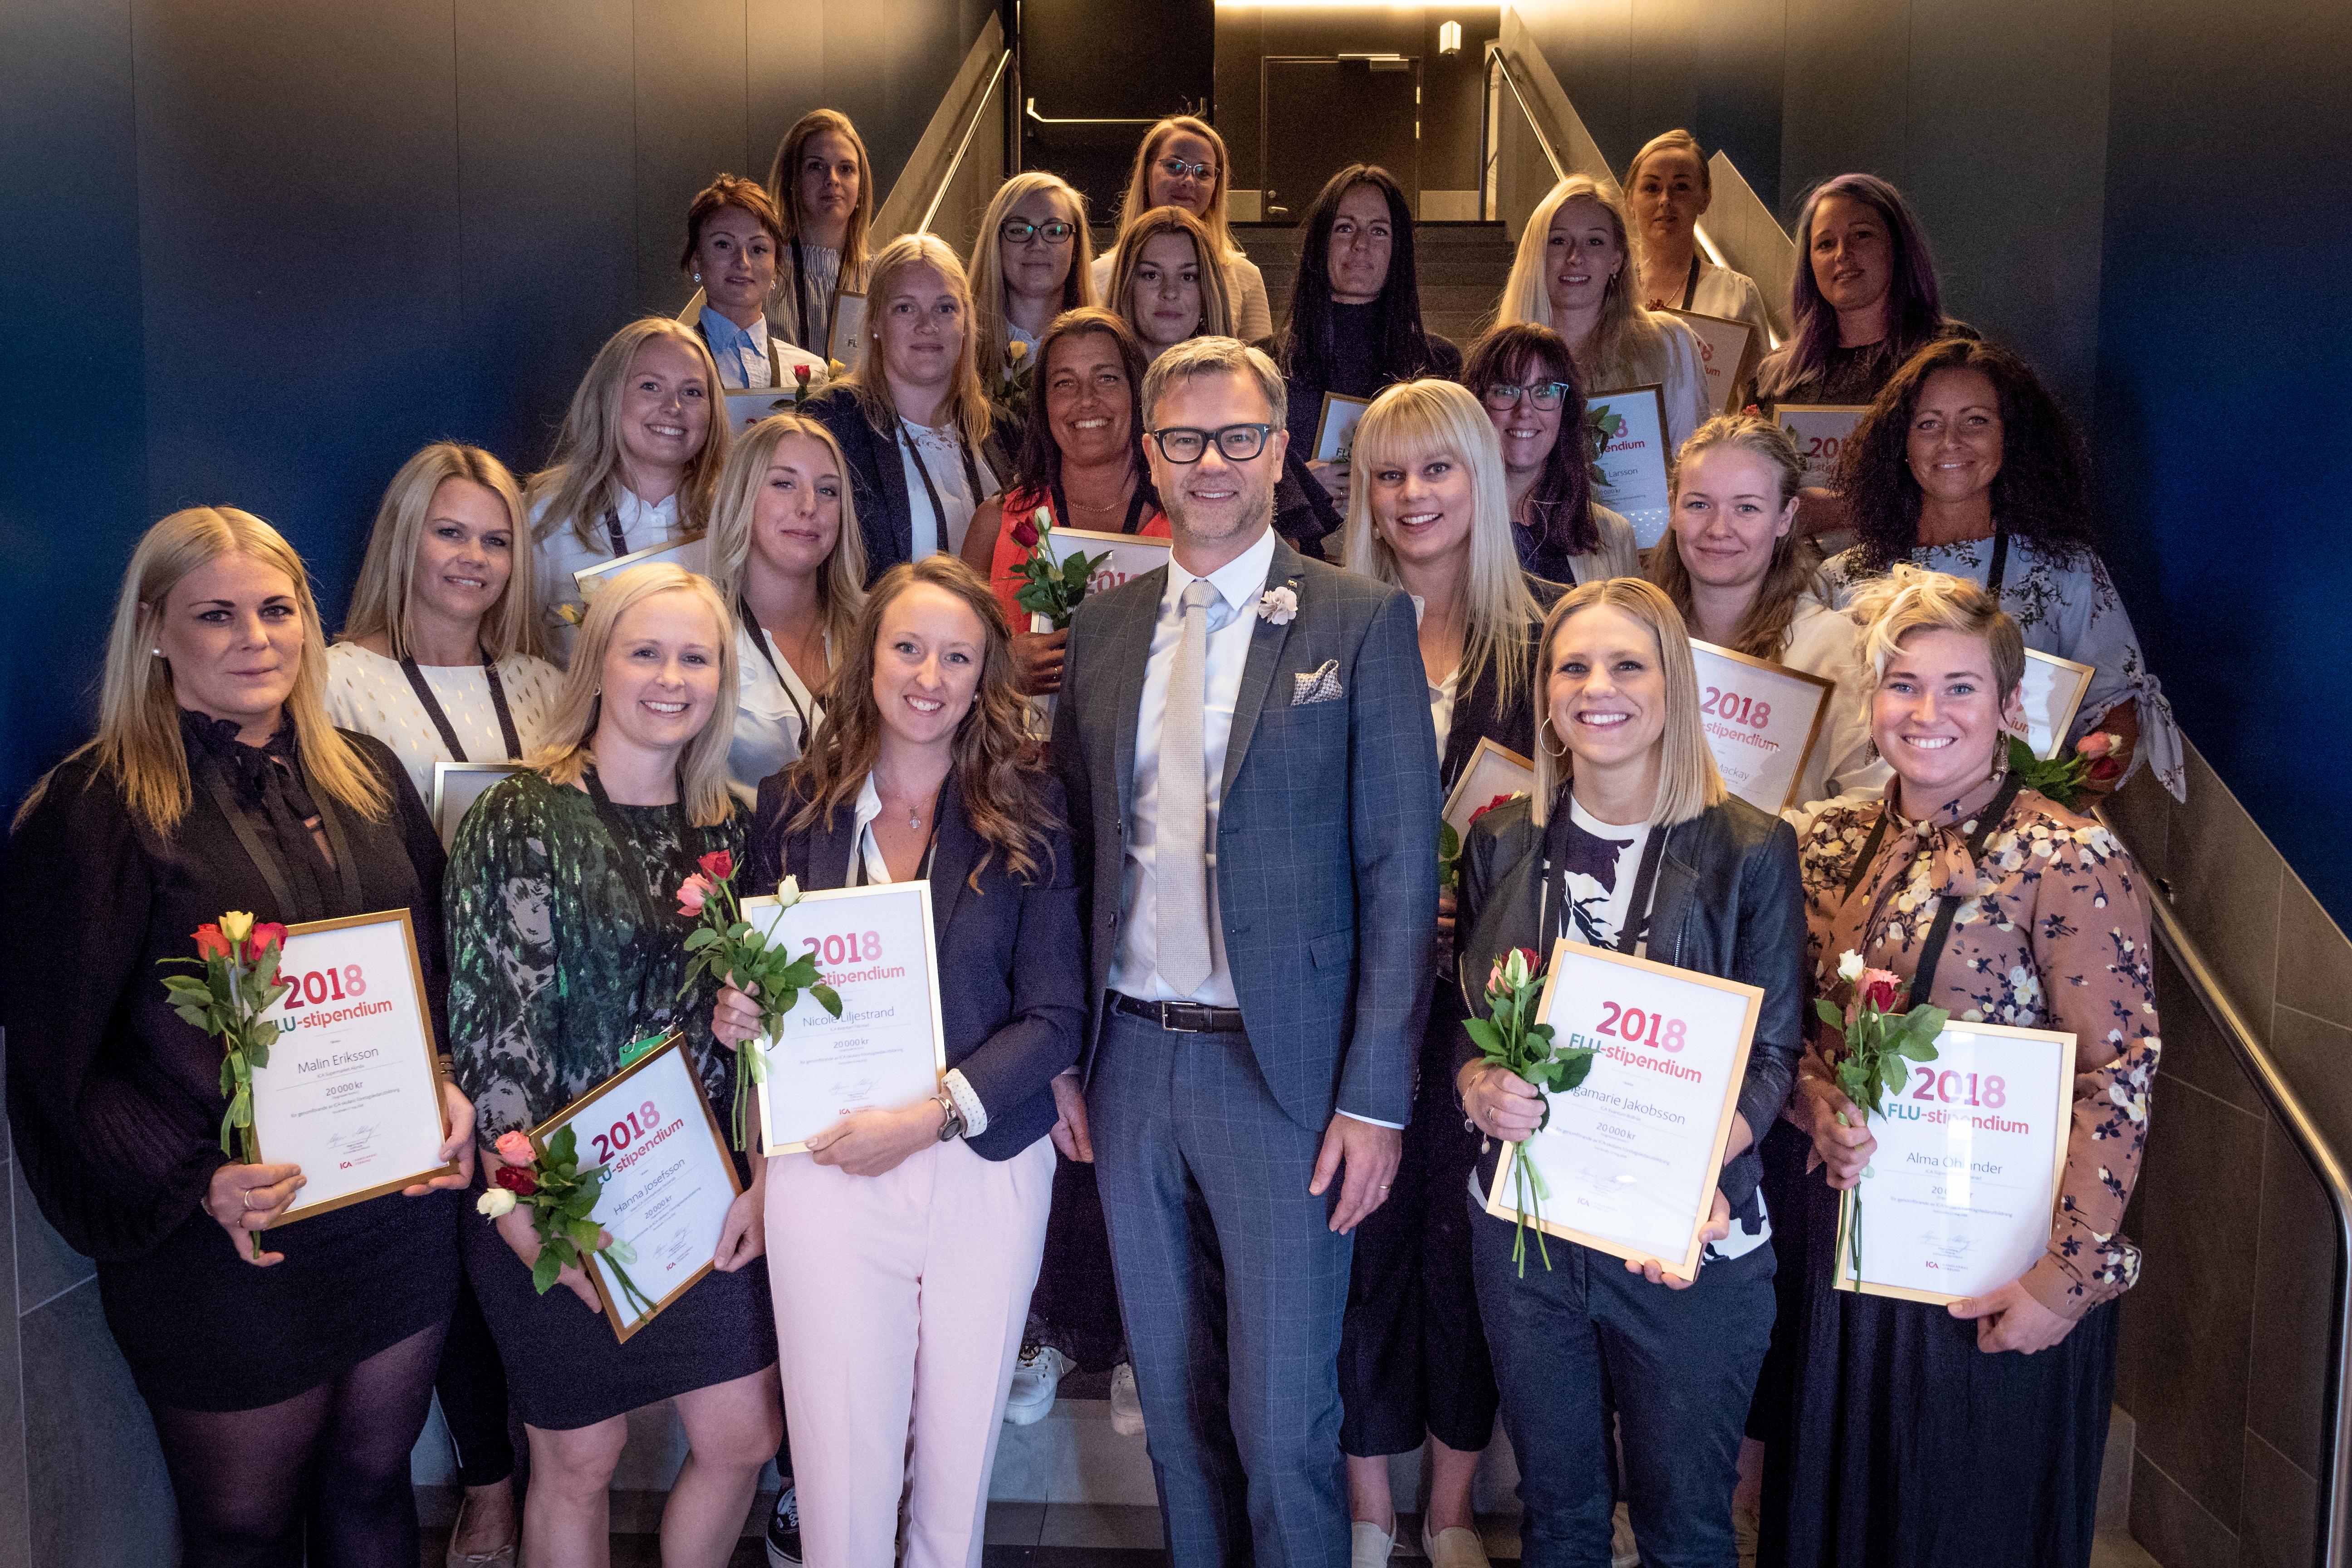 ICA-handlarna premierar 23 kvinnor som vill göra karriär